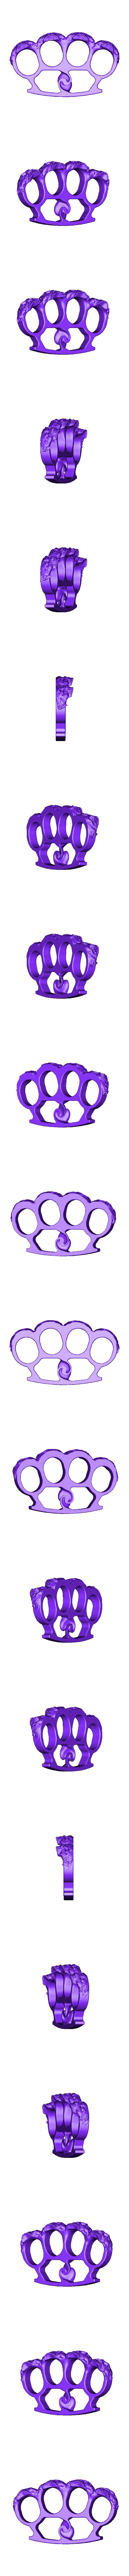 Tarman B knuckles.stl Download free STL file TARMAN RINGS • 3D print template, LittleTup